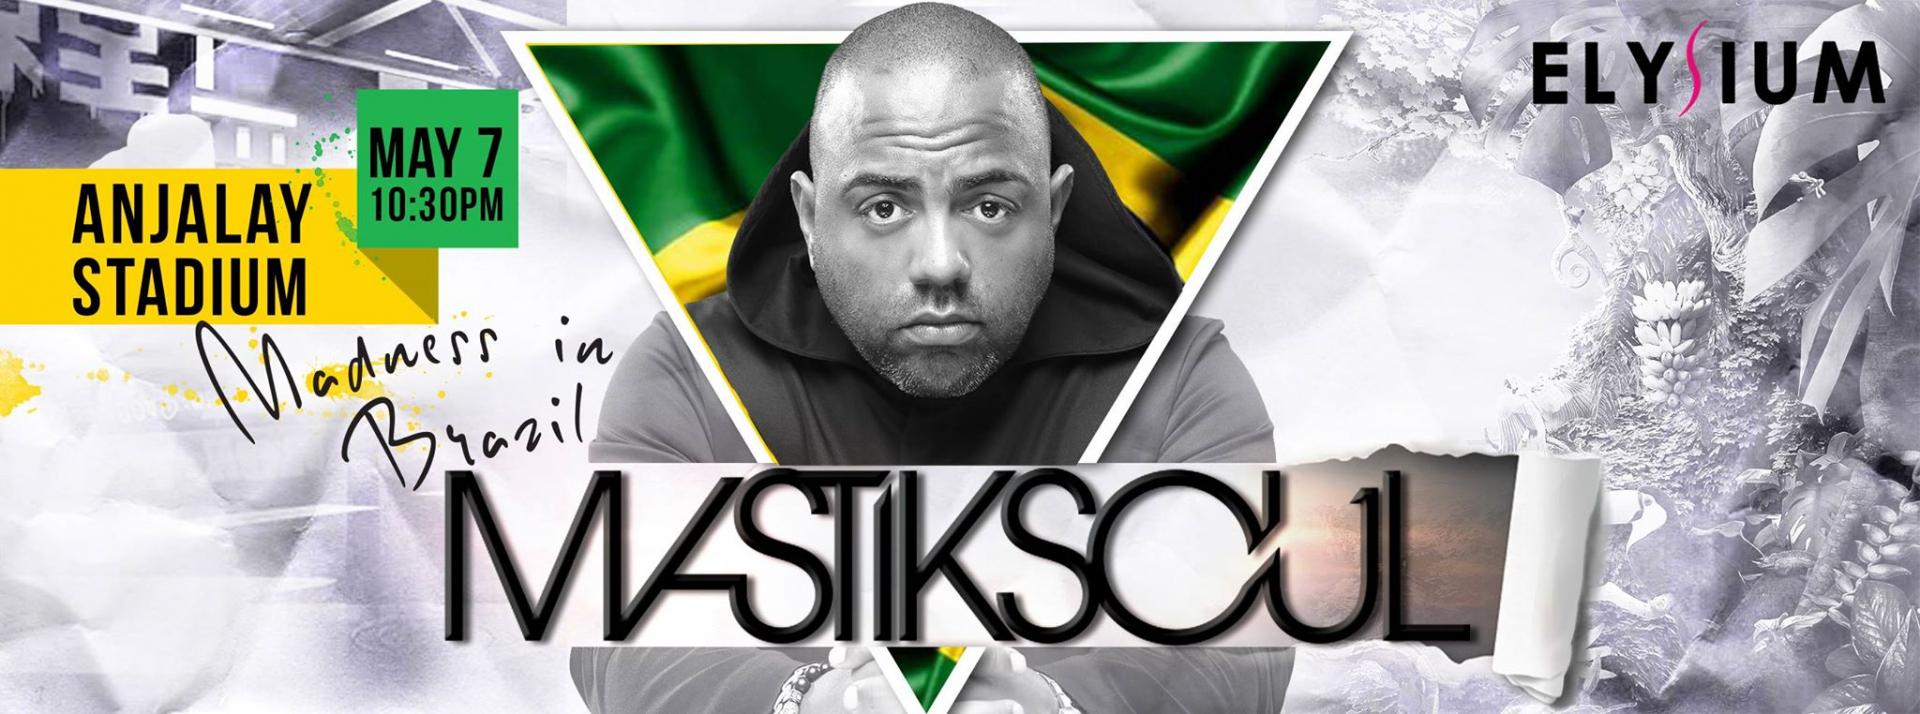 mastiksoul-madness-brazil-ticket